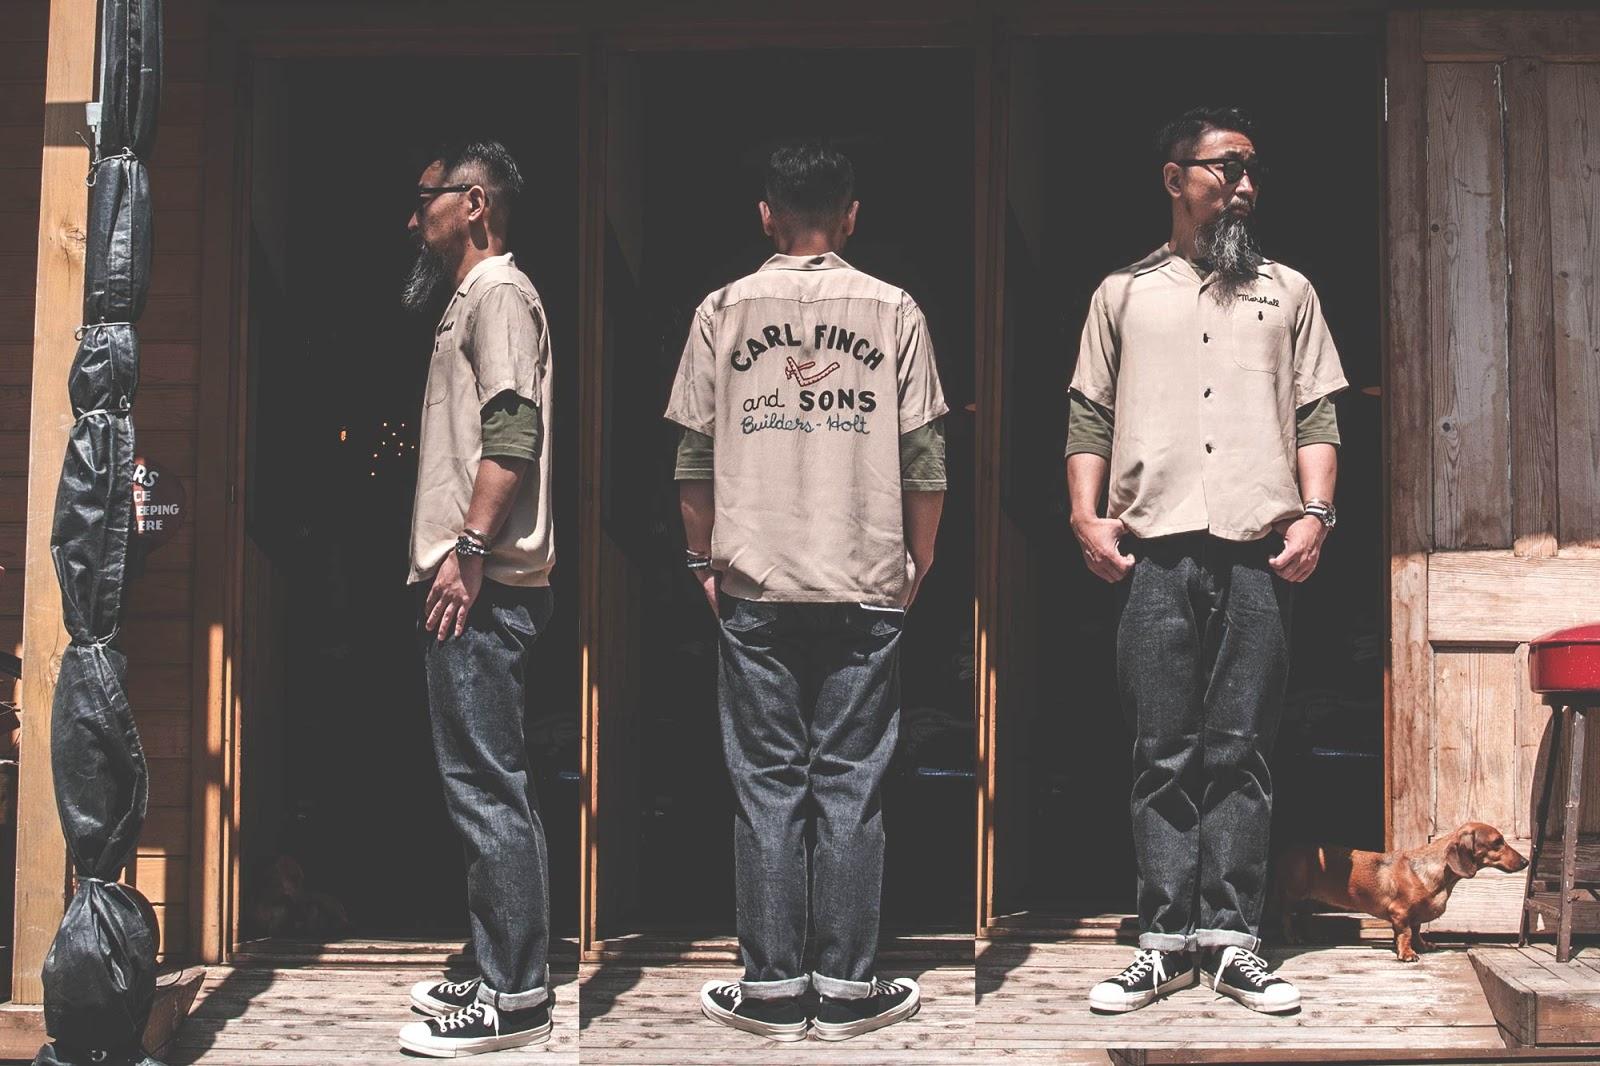 スタイルアイズ ボーリングシャツ アロハシャツ オープンカラーシャツ フィフティーズシャツ